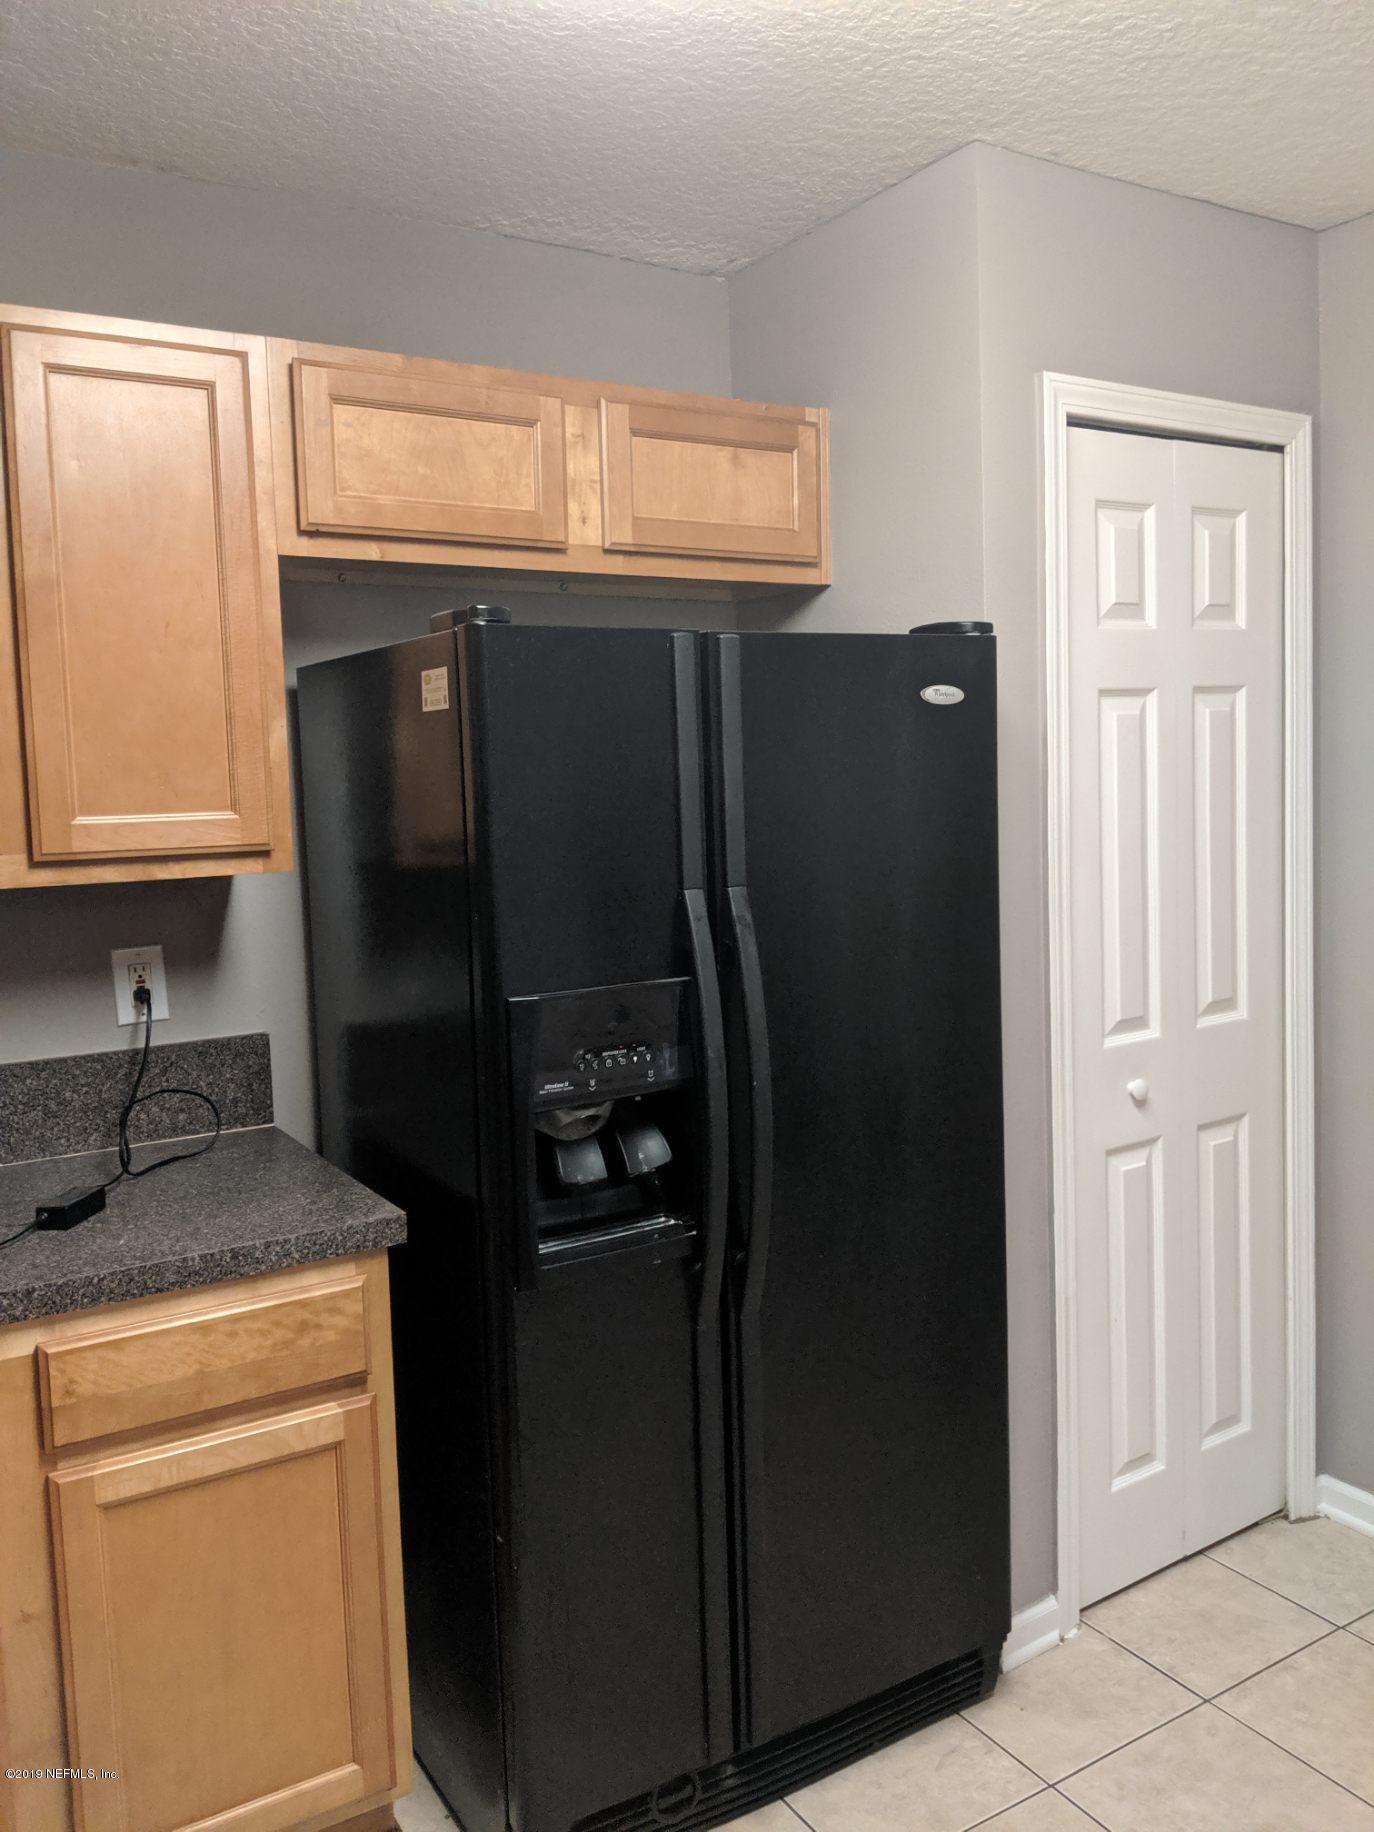 5151 PLAYPEN, JACKSONVILLE, FLORIDA 32210, 3 Bedrooms Bedrooms, ,2 BathroomsBathrooms,Condo,For sale,PLAYPEN,1004730